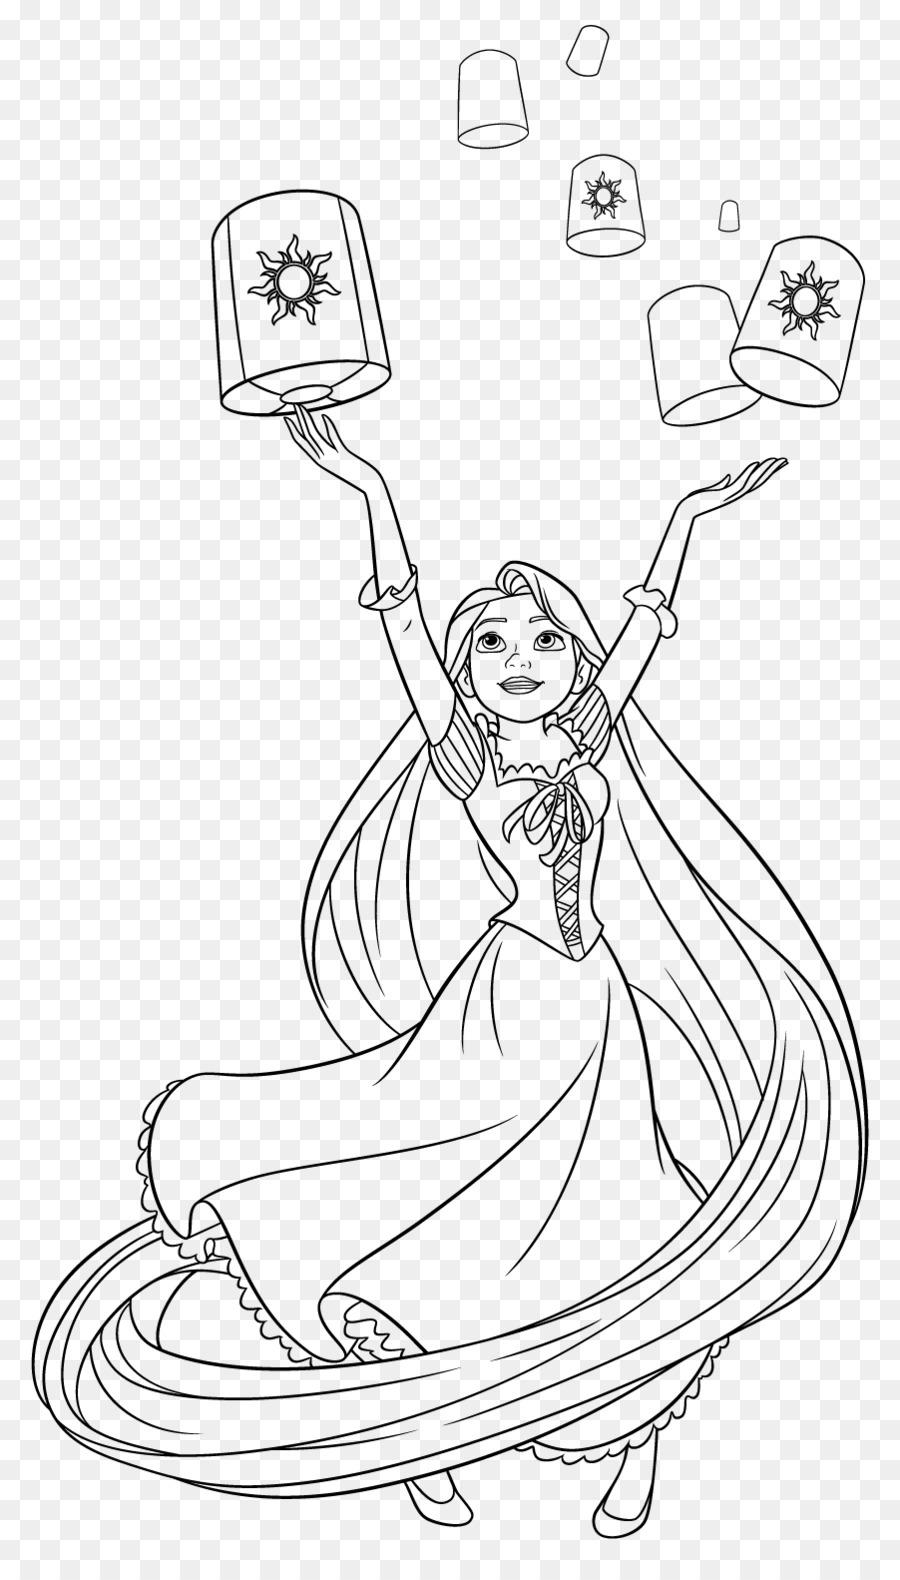 Rapunzel Coloring book Drawing Tiana Disney Princess - Disney ...